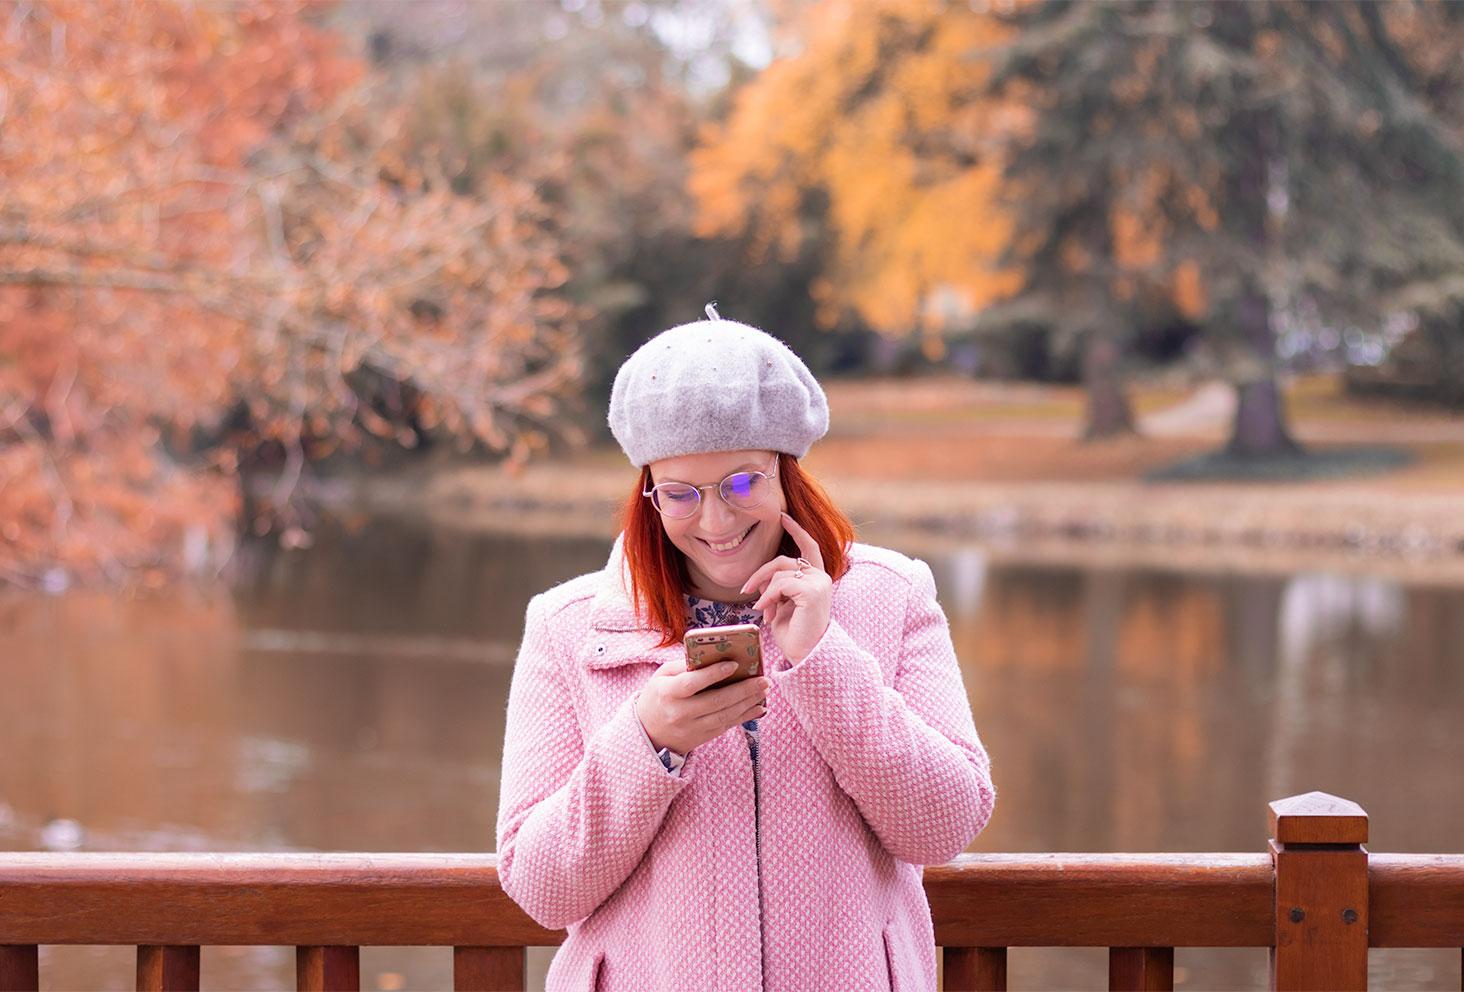 Appuyée le long d'une rambarde en bois au dessus d'un pont au milieu des couleurs d'automne, en manteau rose avec un béret gris sur la tête, le téléphone dans les mains